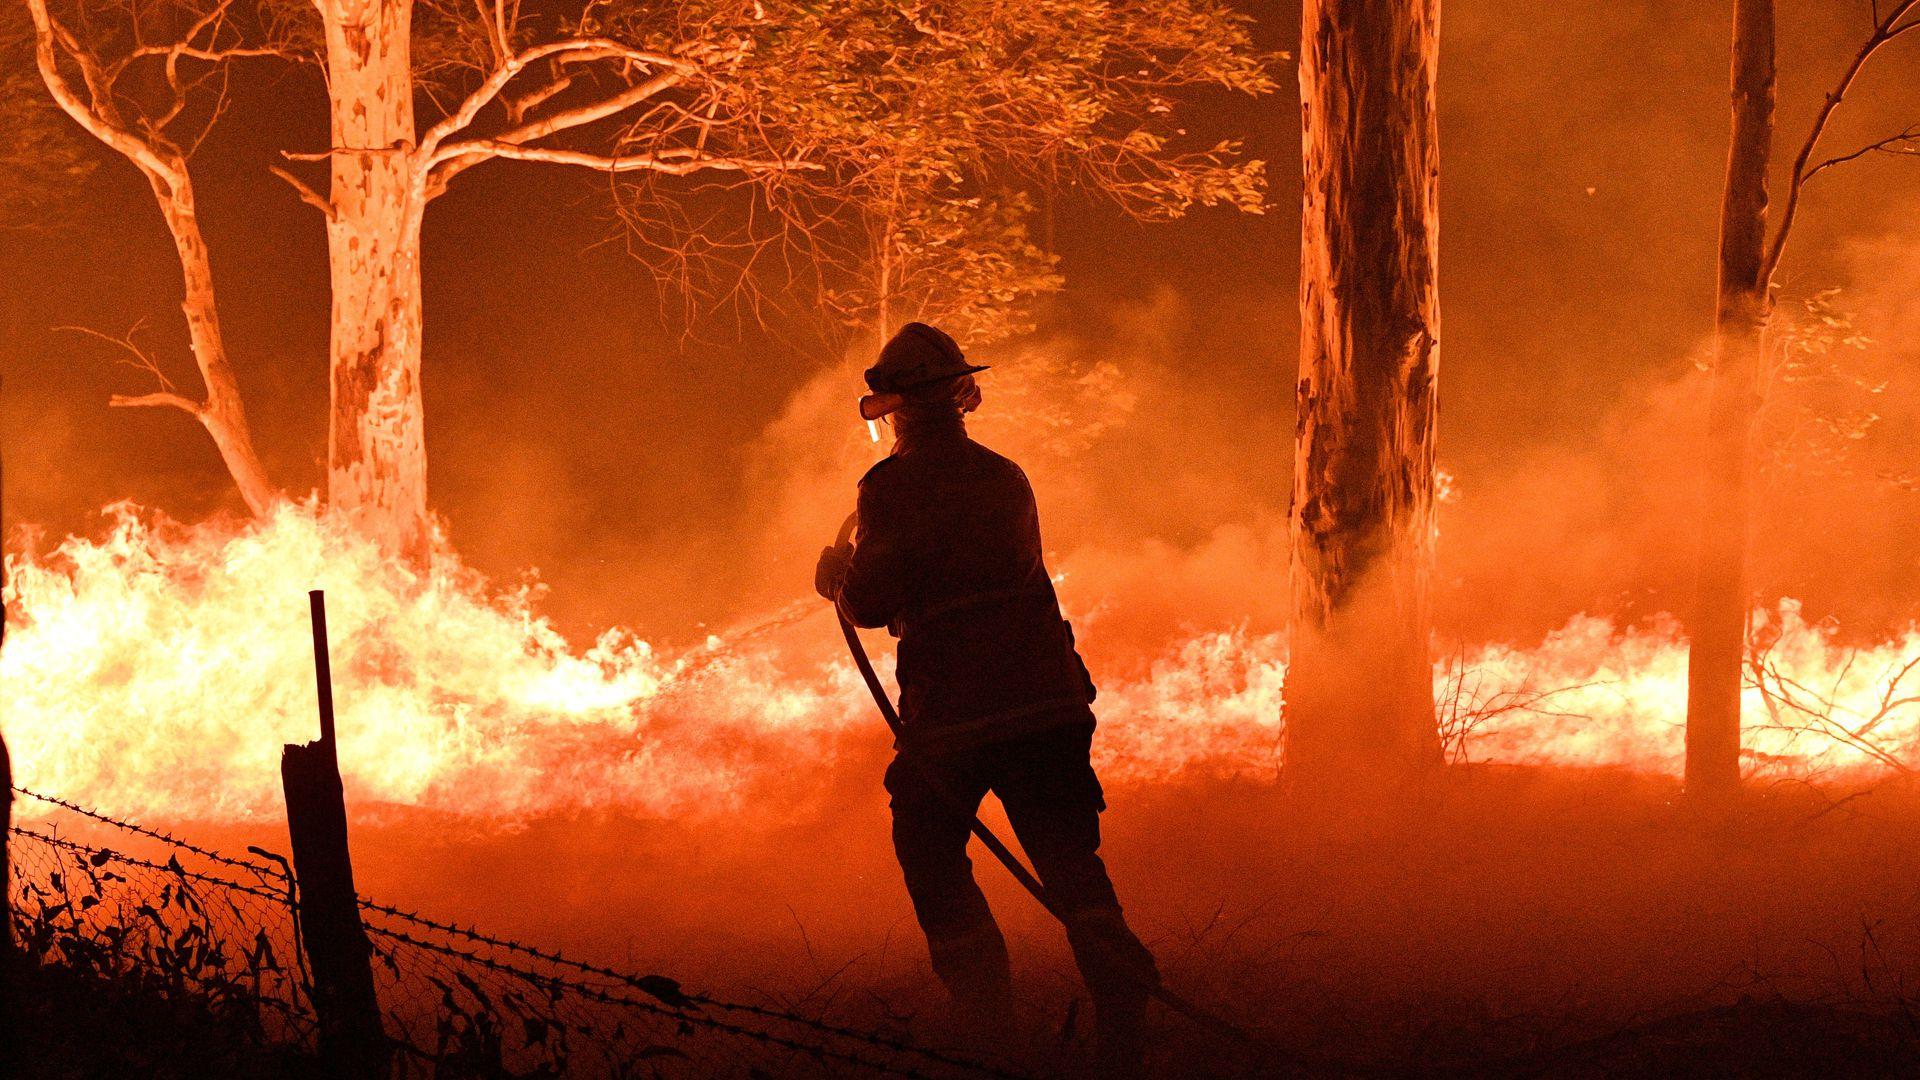 Lính cứu hỏa chiến đấu vô vọng với lửa trong điều kiện nhiệt độ cao và hạn hán - Ảnh: Axios